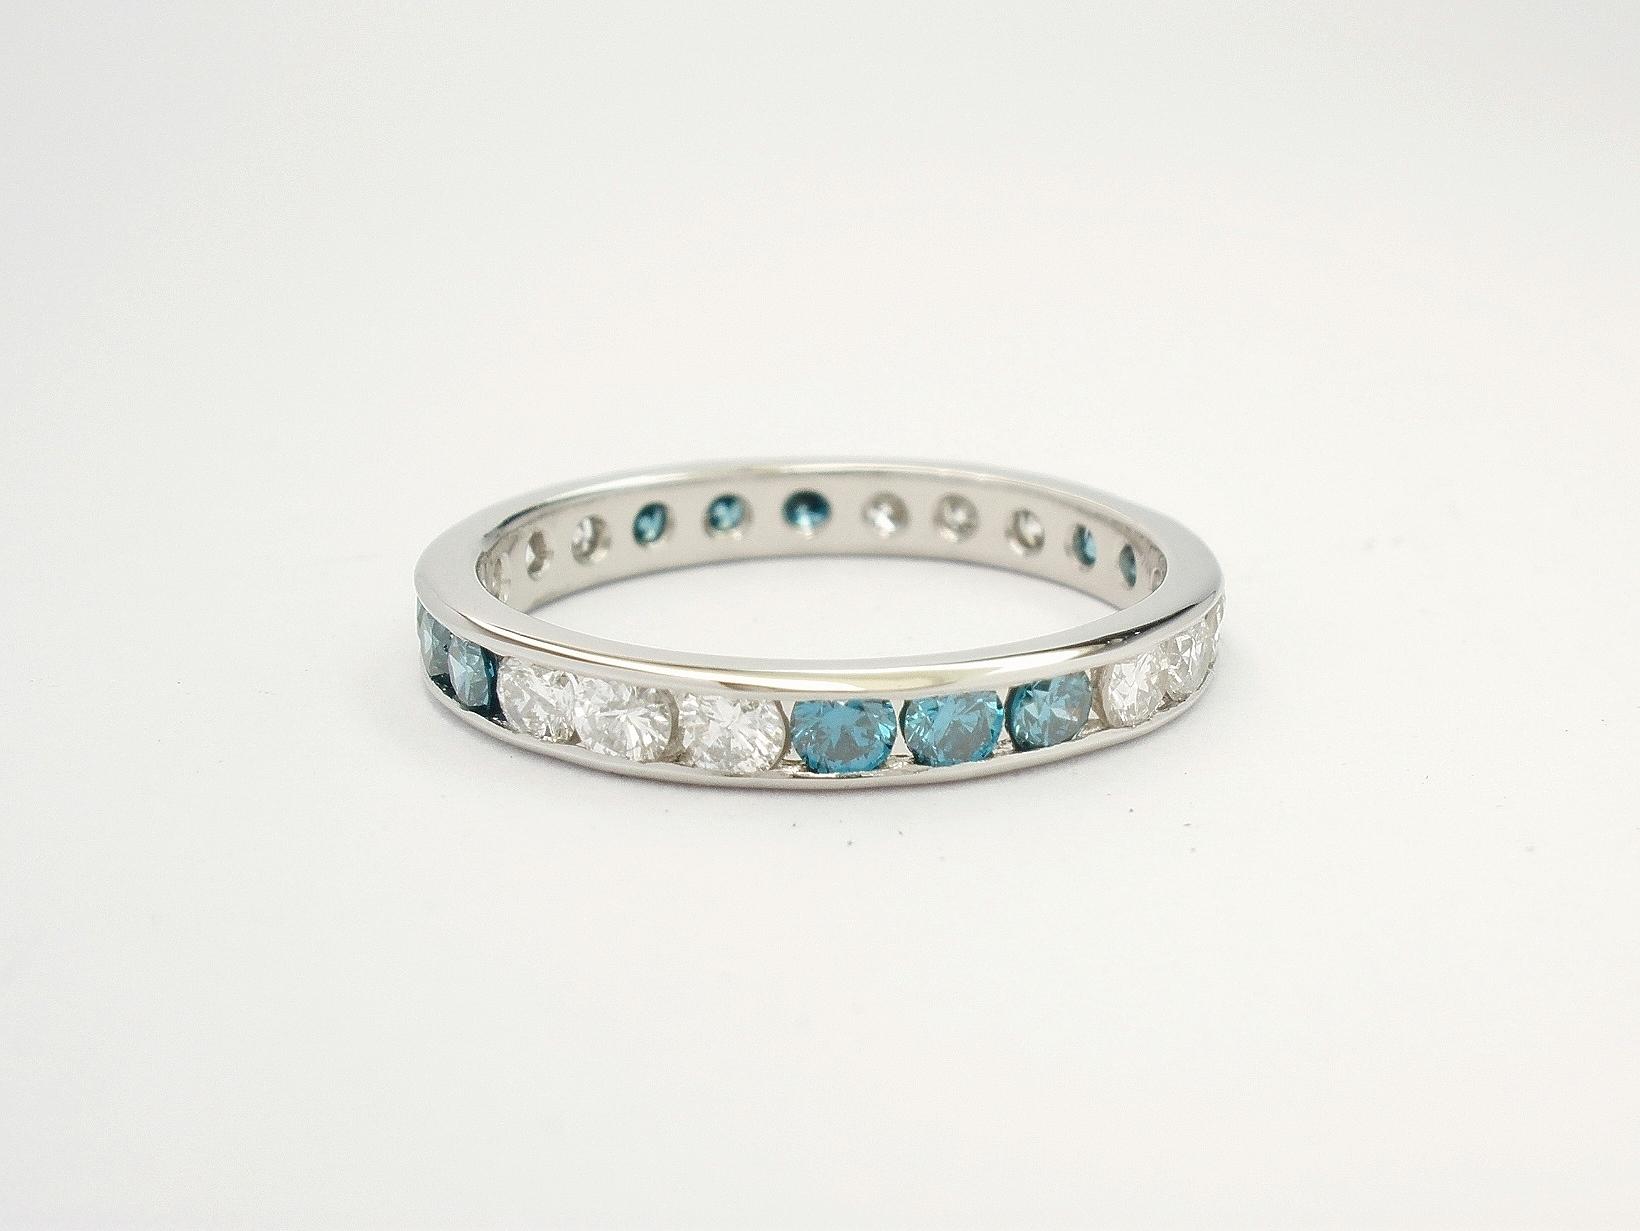 Ocean blue diamond & white diamond full channel set platinum eternity ring.